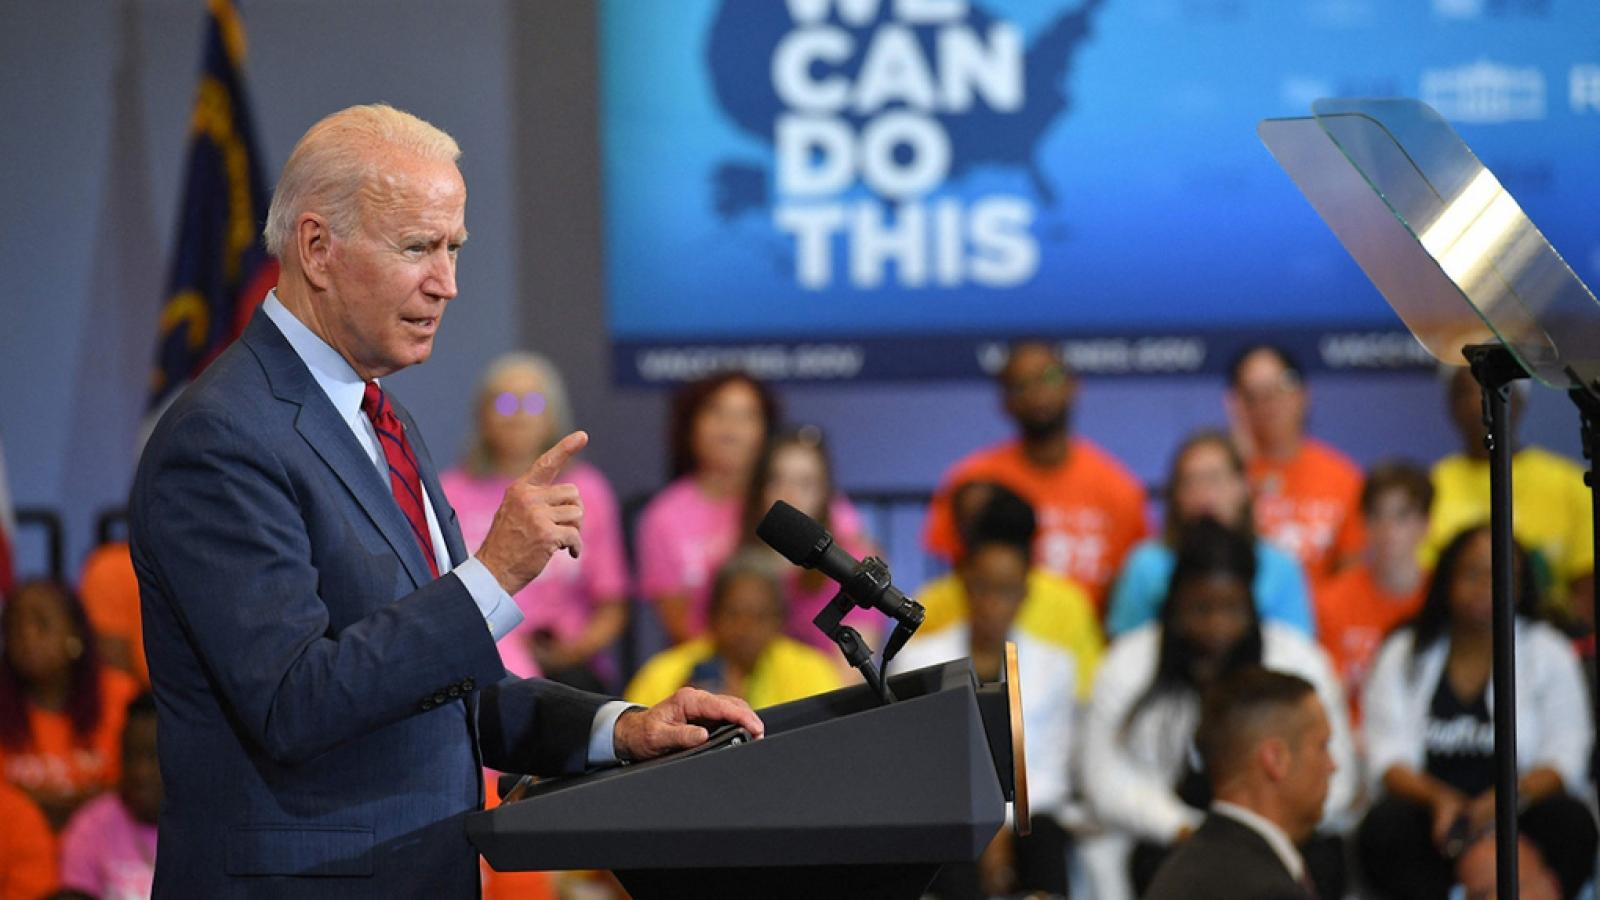 Tổng thống Biden cảnh báo về biến thể Delta, kêu gọi người Mỹ đi tiêm chủng